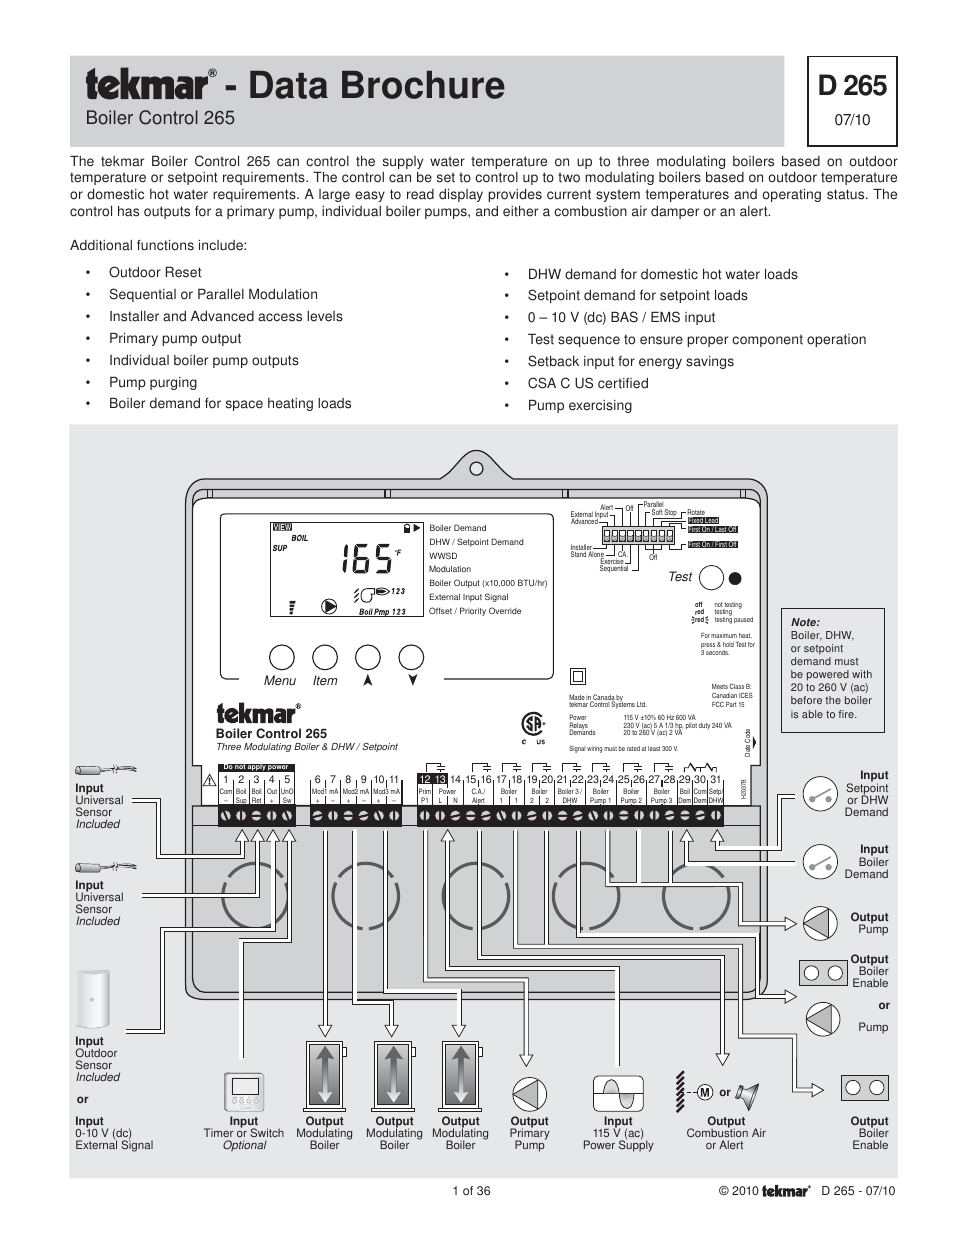 tekmar 265 Boiler Control User Manual | 36 pages